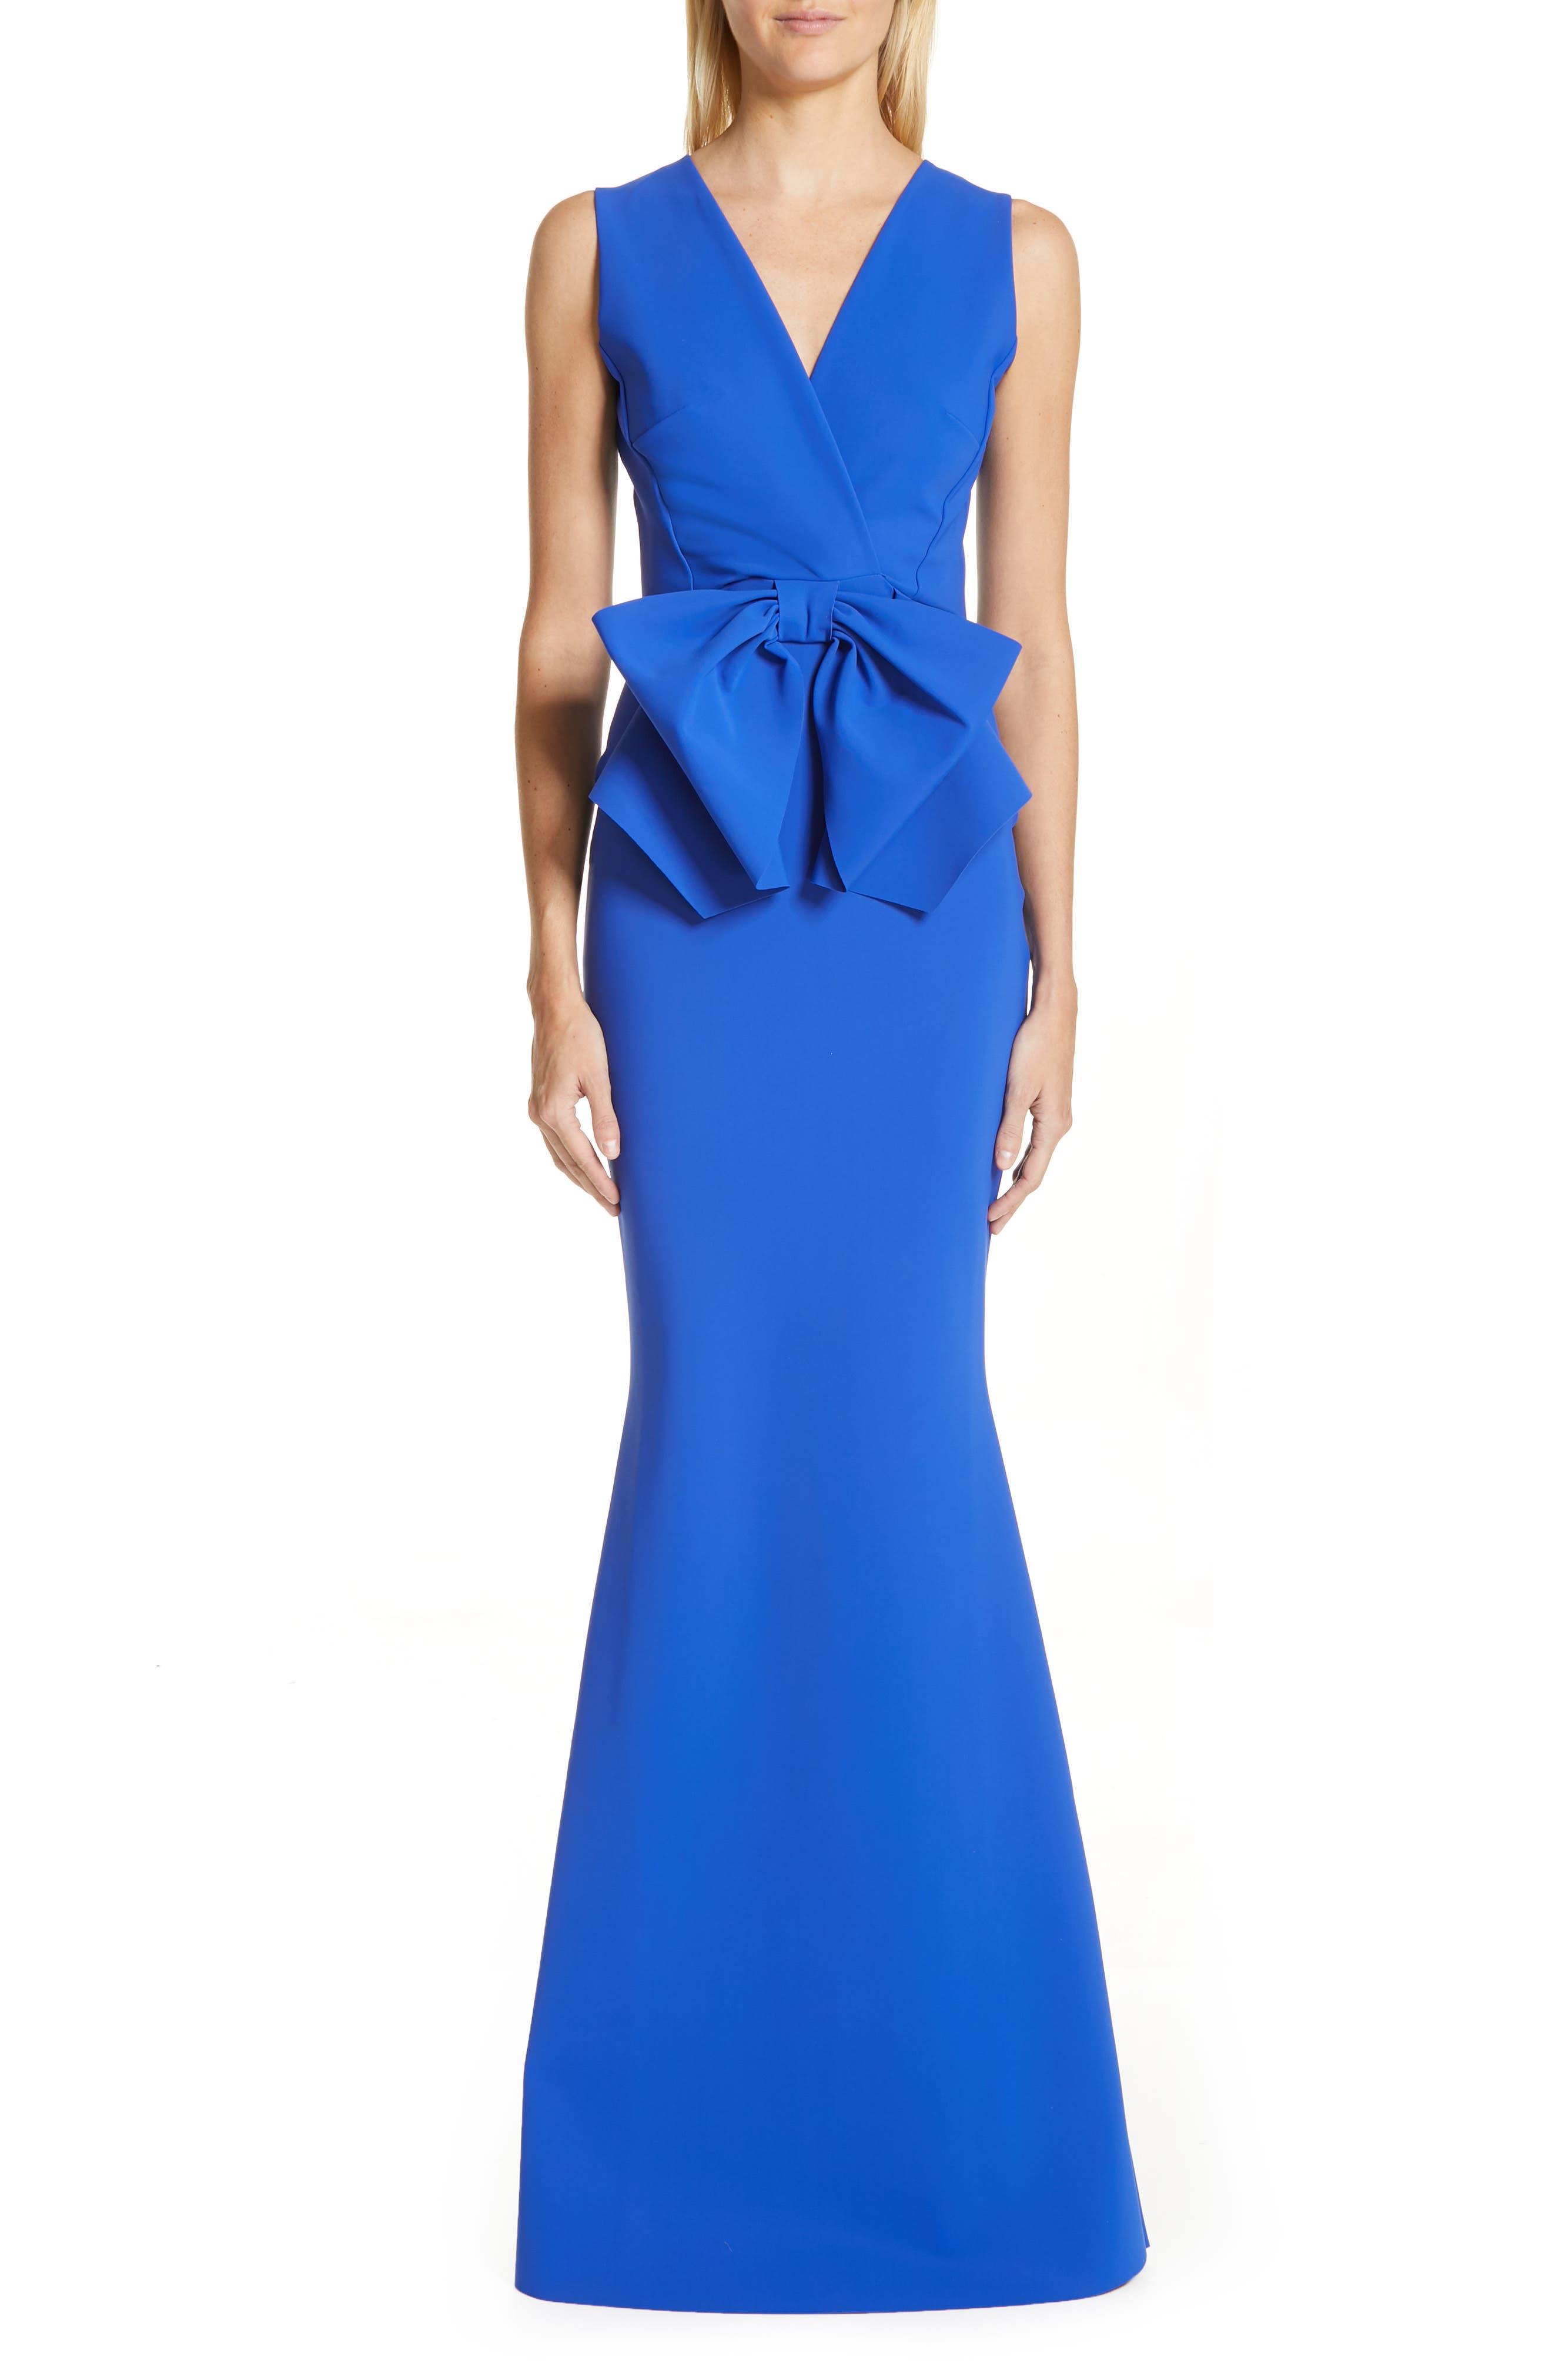 Chiara Boni La Petite Robe Oshun Bodice Bow Evening Dress, US / 44 IT - Blue